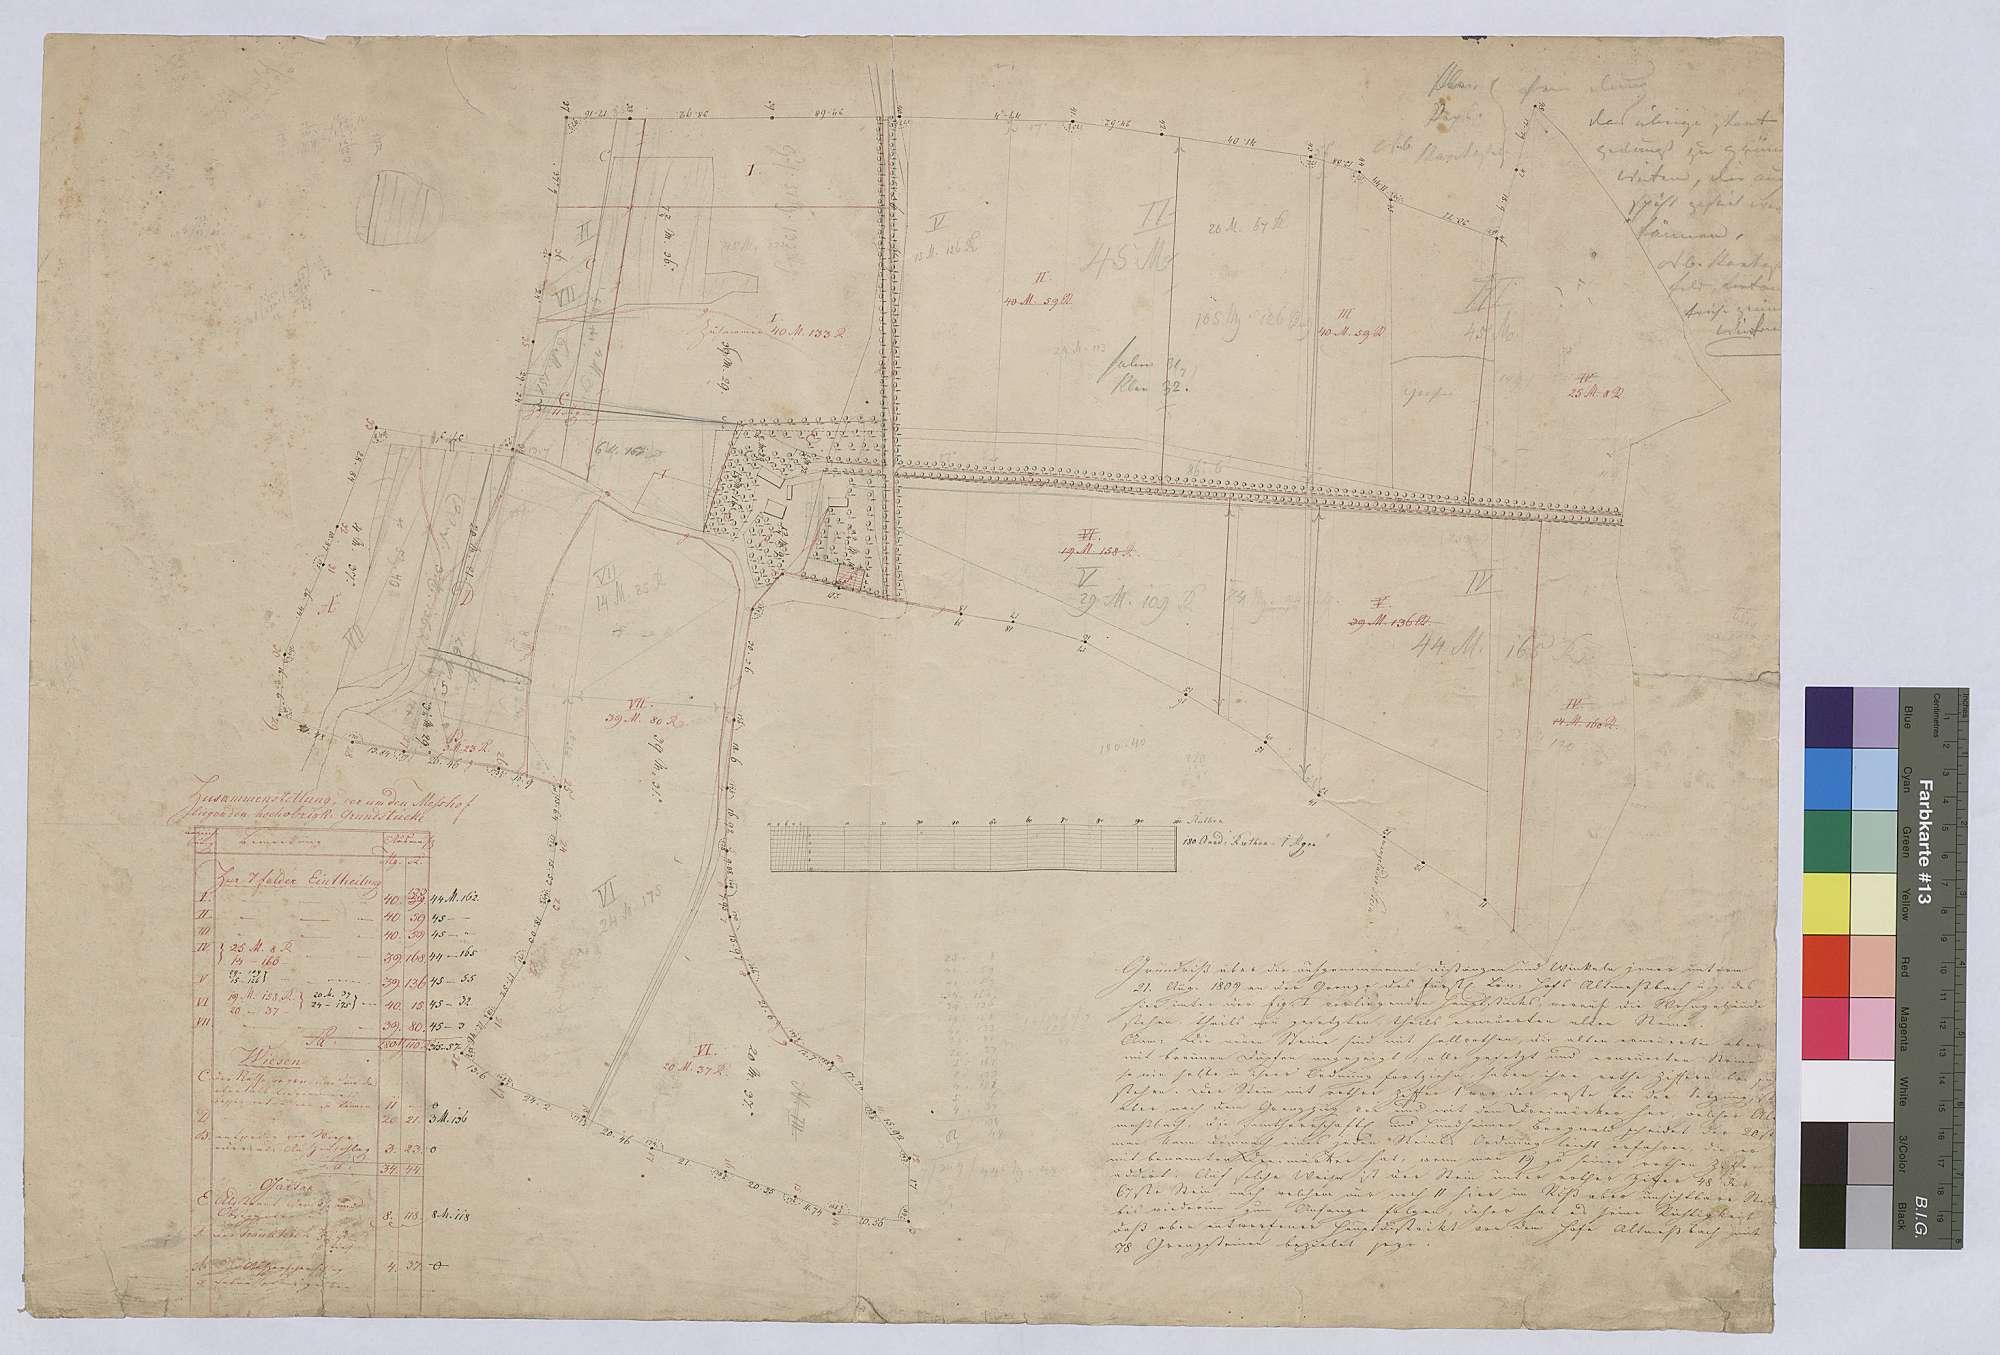 Grundriss über die 1809 neu gesetzten Grenzsteine am Hinteren Meßhof (Inselkarte), Bild 1